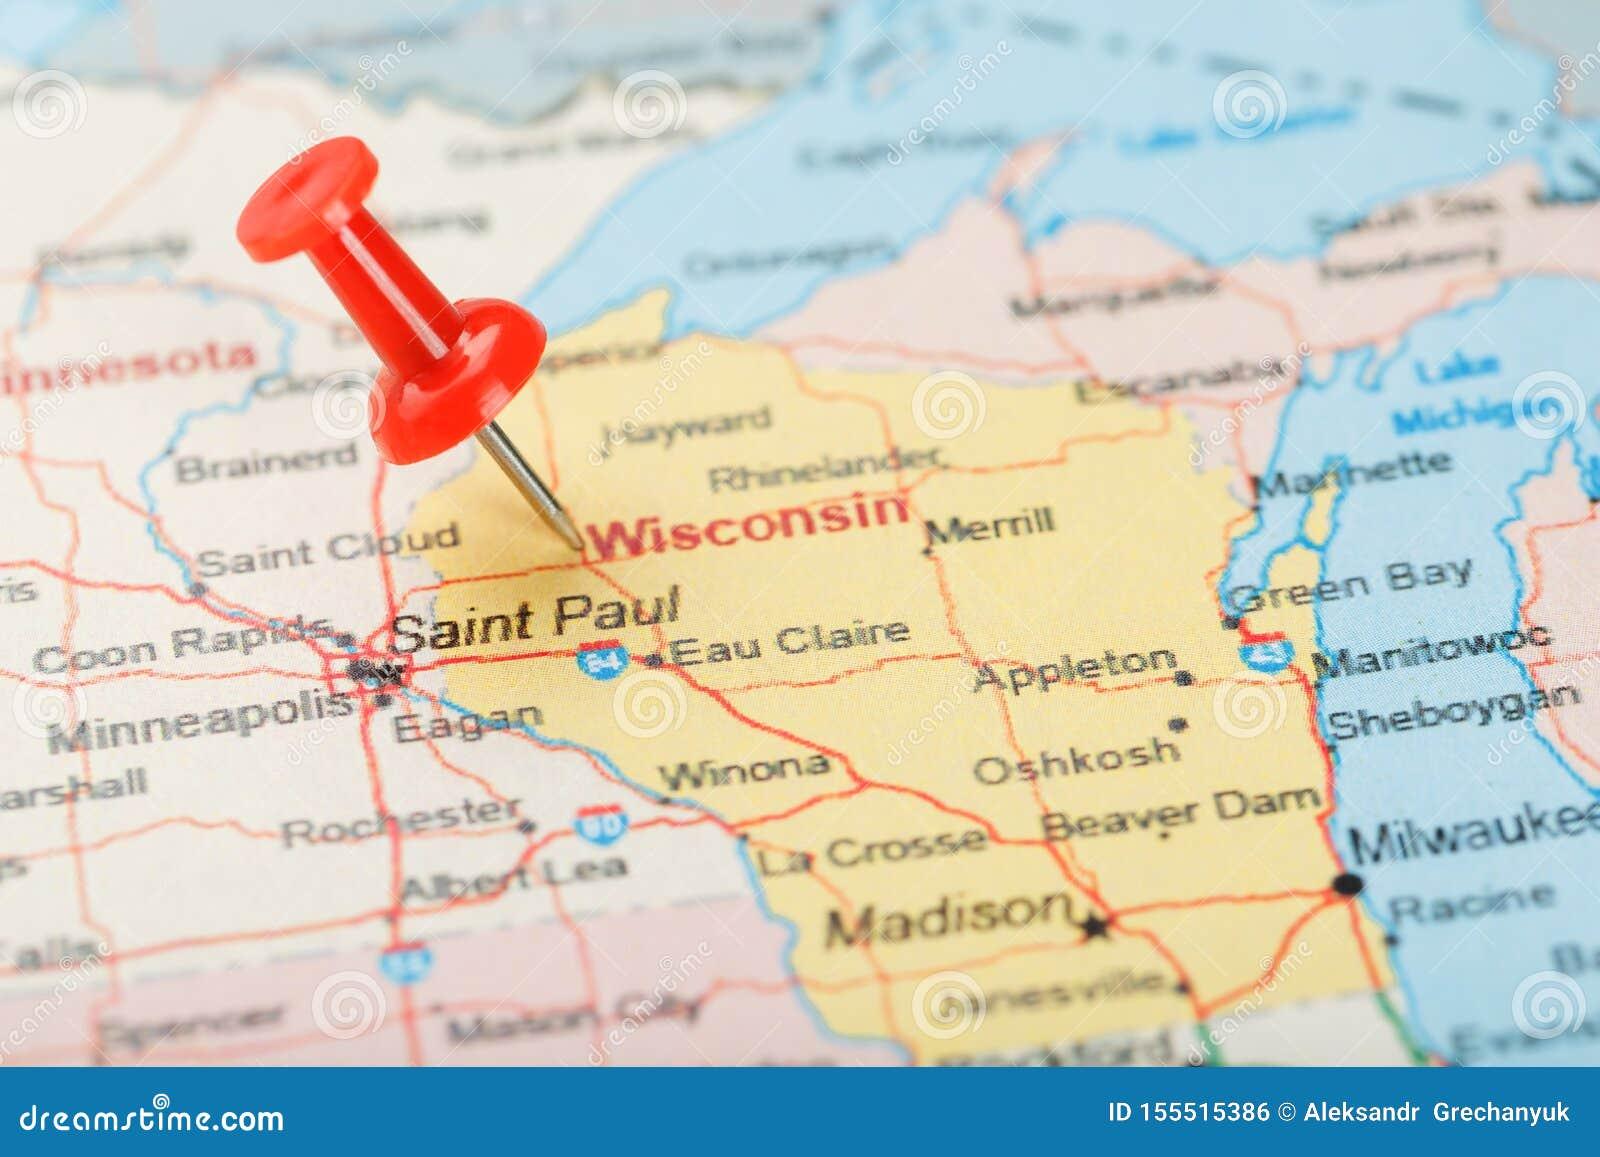 Agulha De Escritorio Vermelha Em Um Mapa De Eua De Wisconsin E Da Capital Madison Mapa Ascendente Proximo De Wisconsin Com Adere Foto De Stock Imagem De Capital Madison 155515386